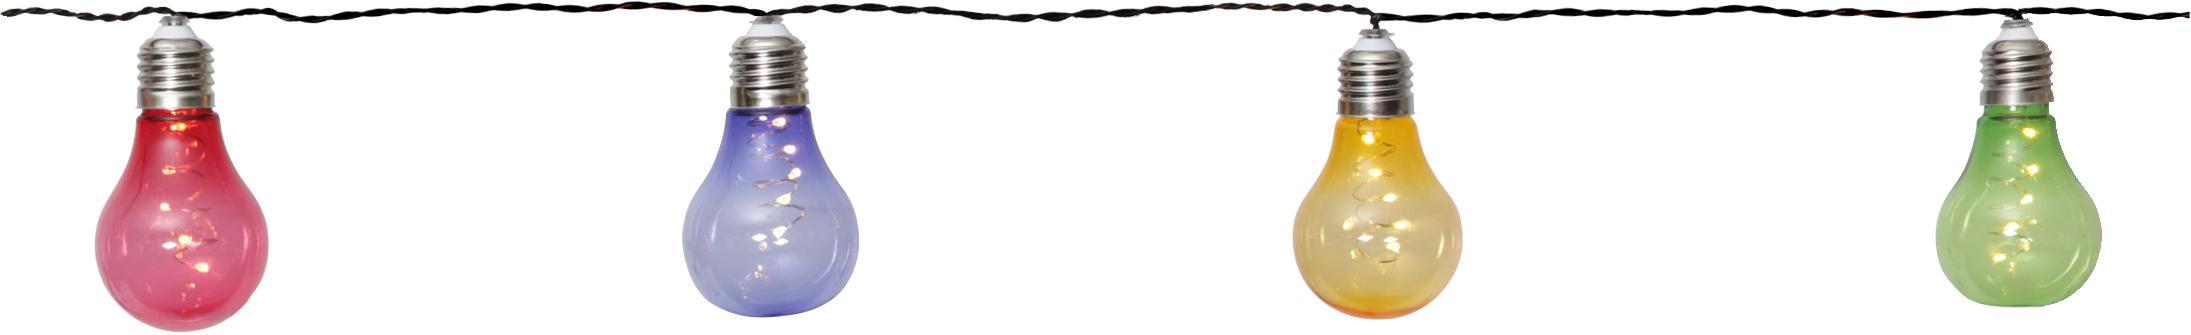 Girlanda świetlna LED Glow, 150 cm, Wielobarwny, D 190 cm